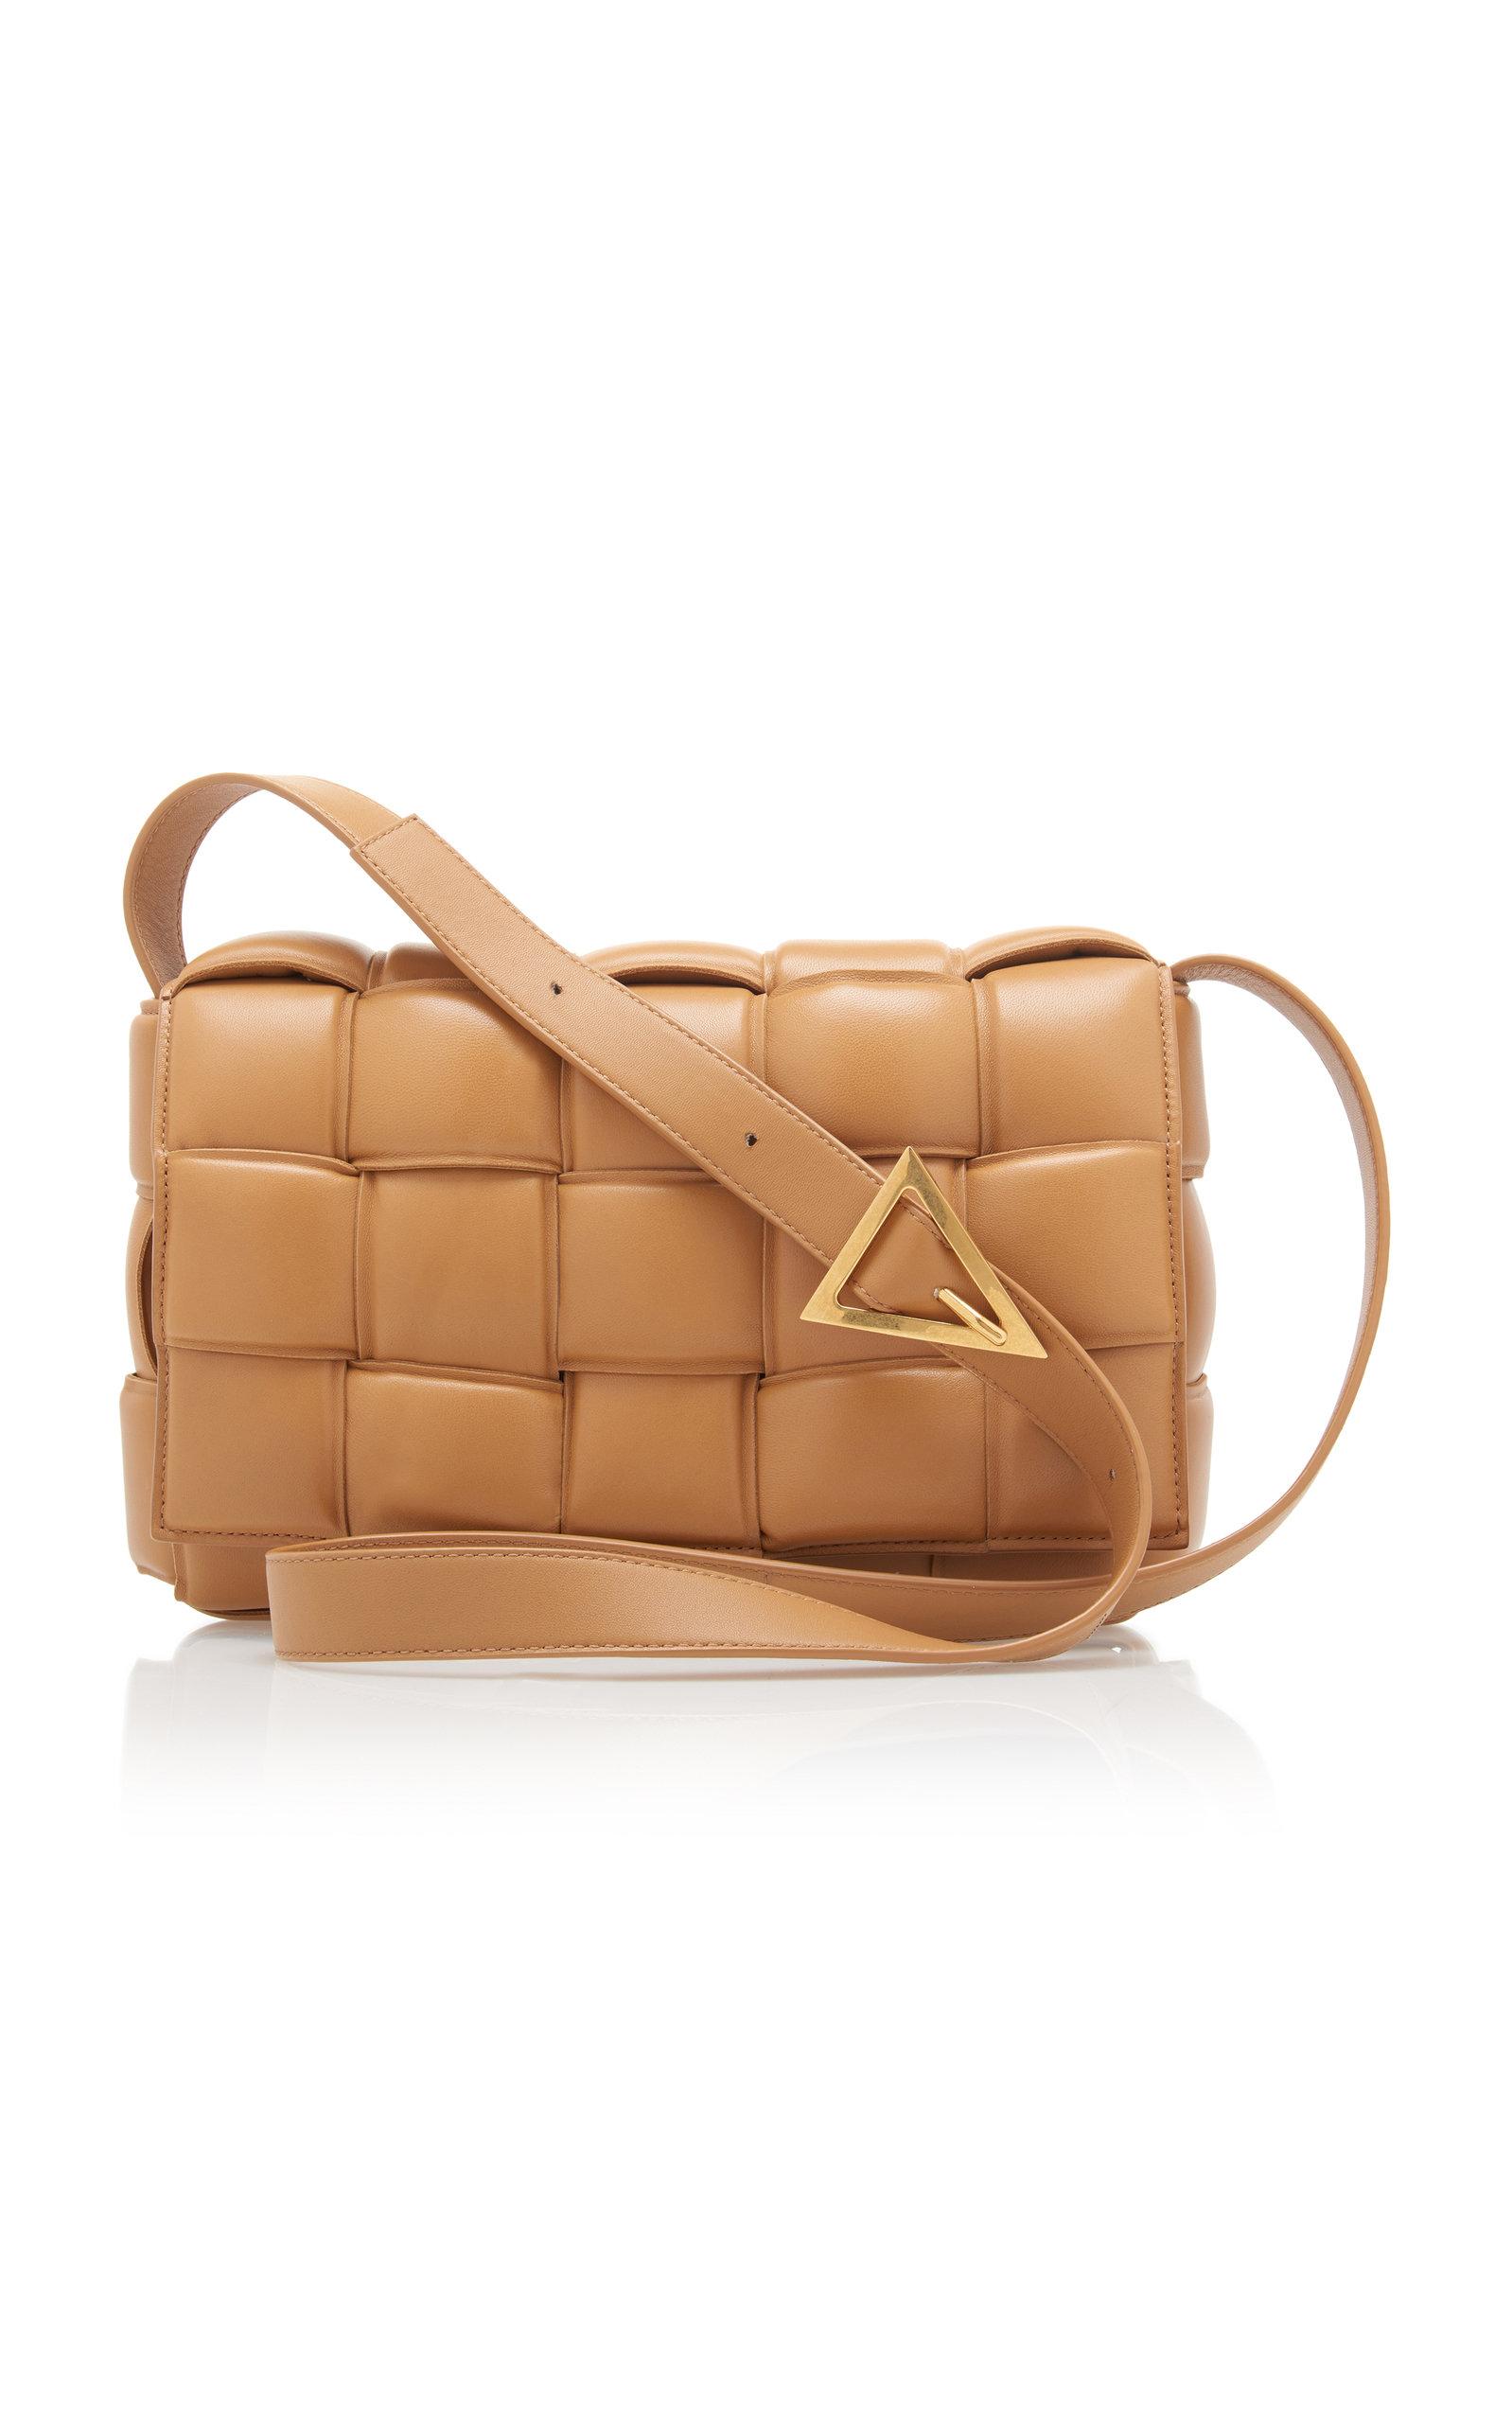 Bottega Veneta Padded Cassette Leather Bag In Tan